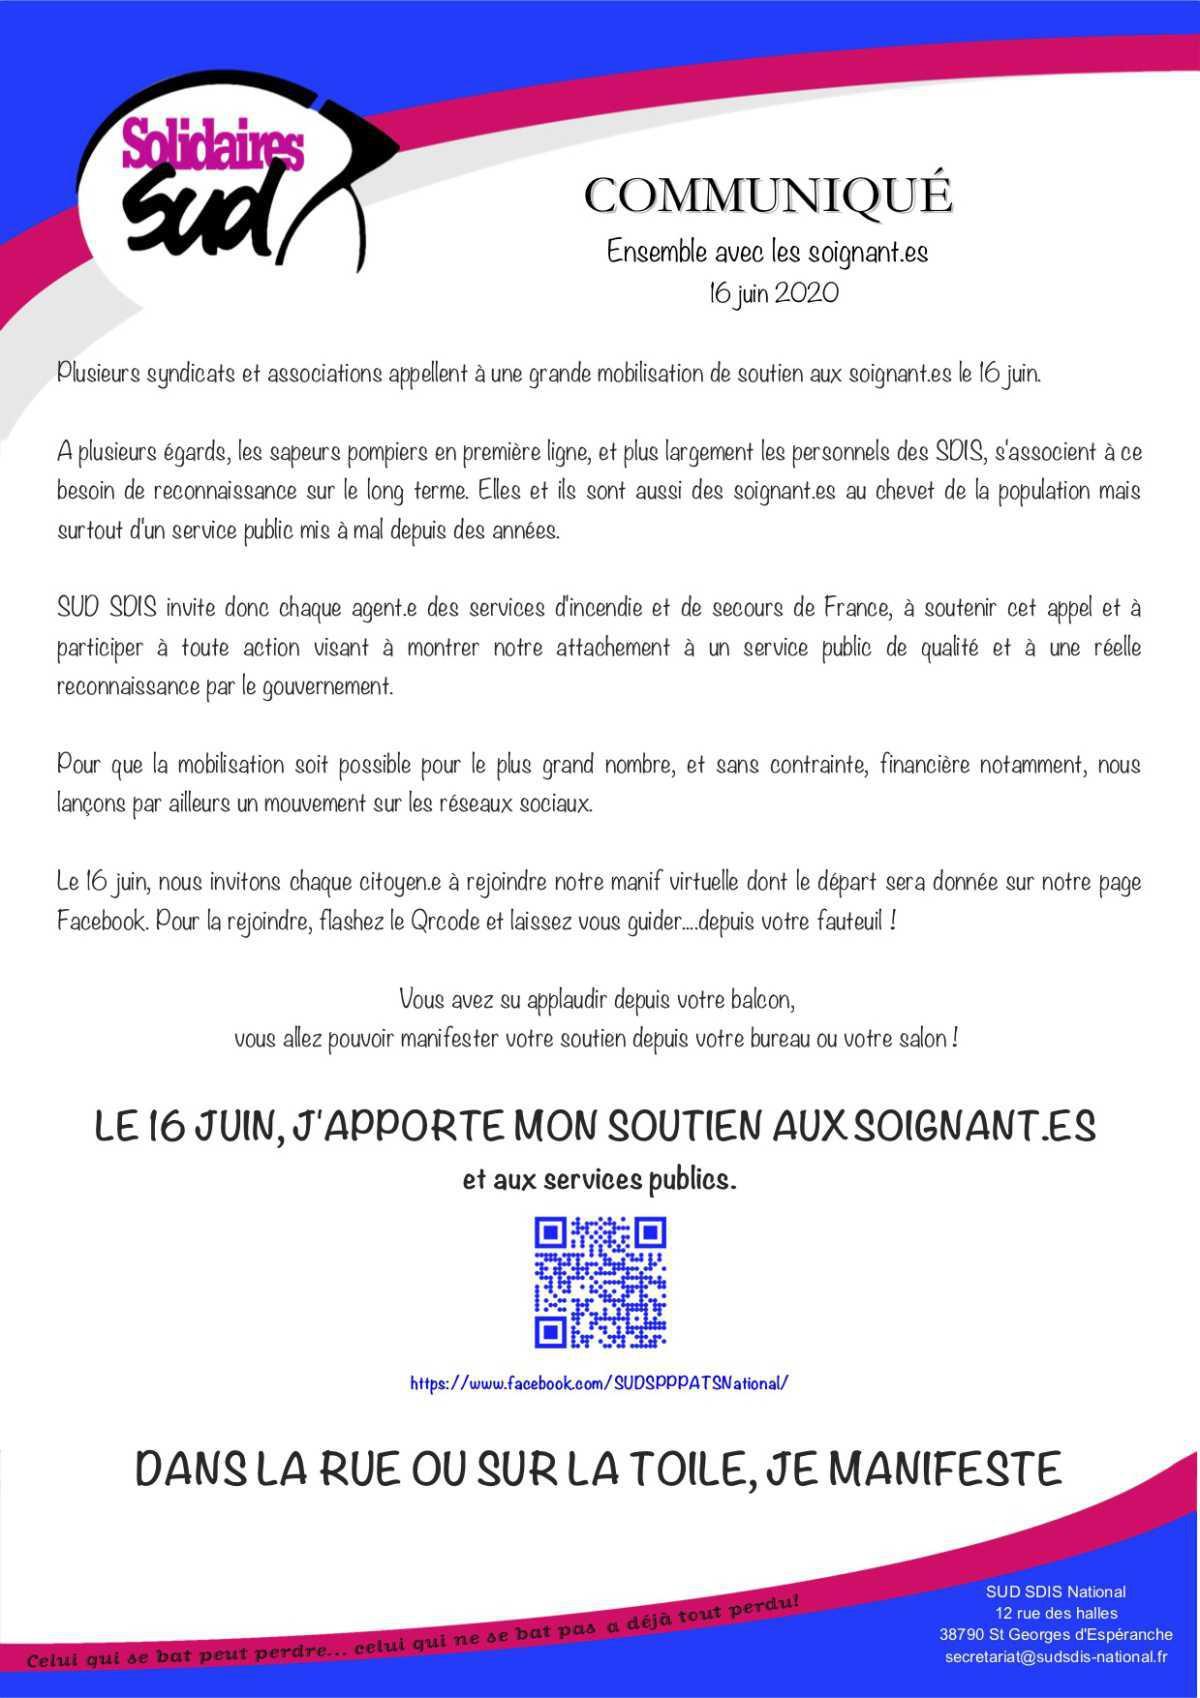 16 juin: manifestations de soutien aux soignant.es et aux services publics.